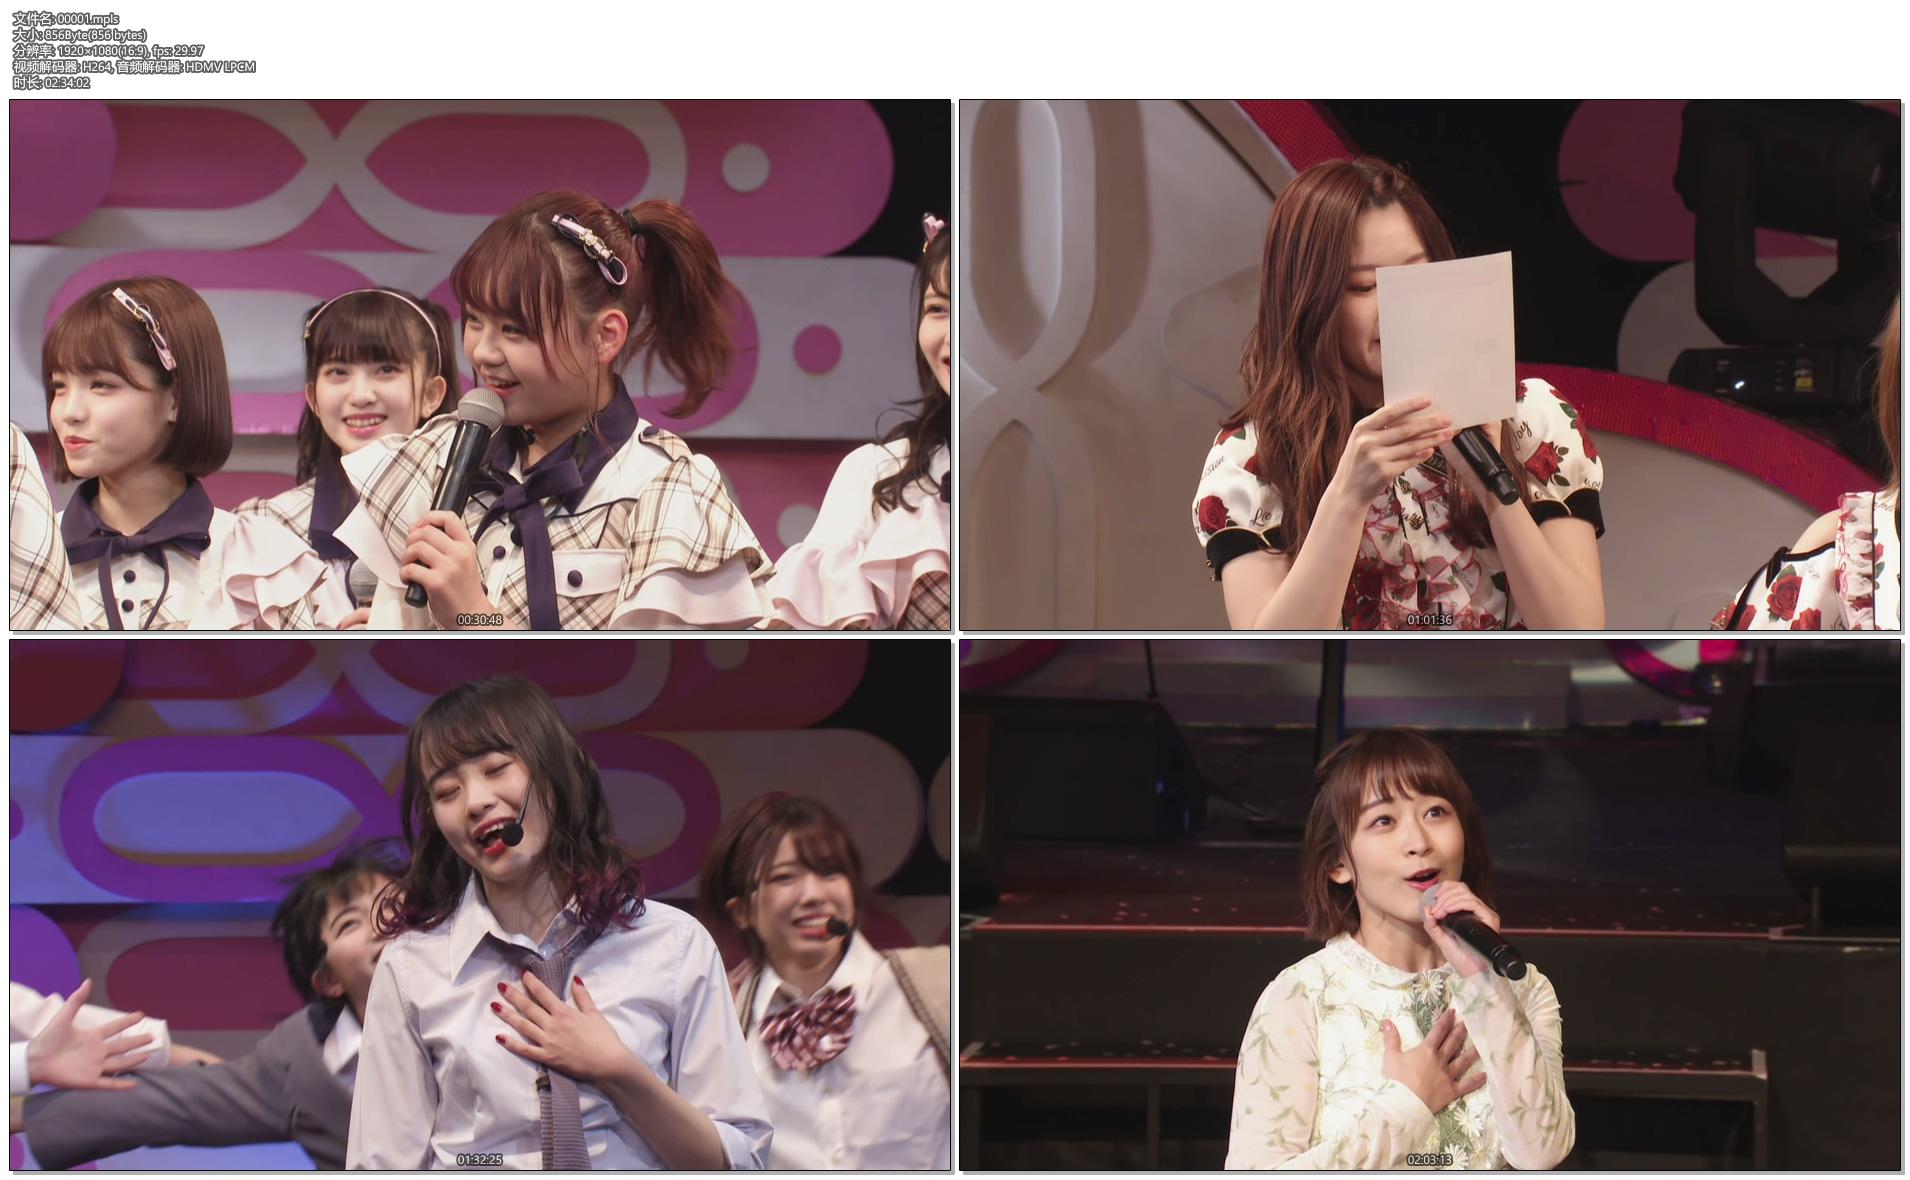 [蓝光原盘] AKB48 Team8 现场蓝光合集AKB48 Team 8 Live Collection《ISO 10碟 295G》